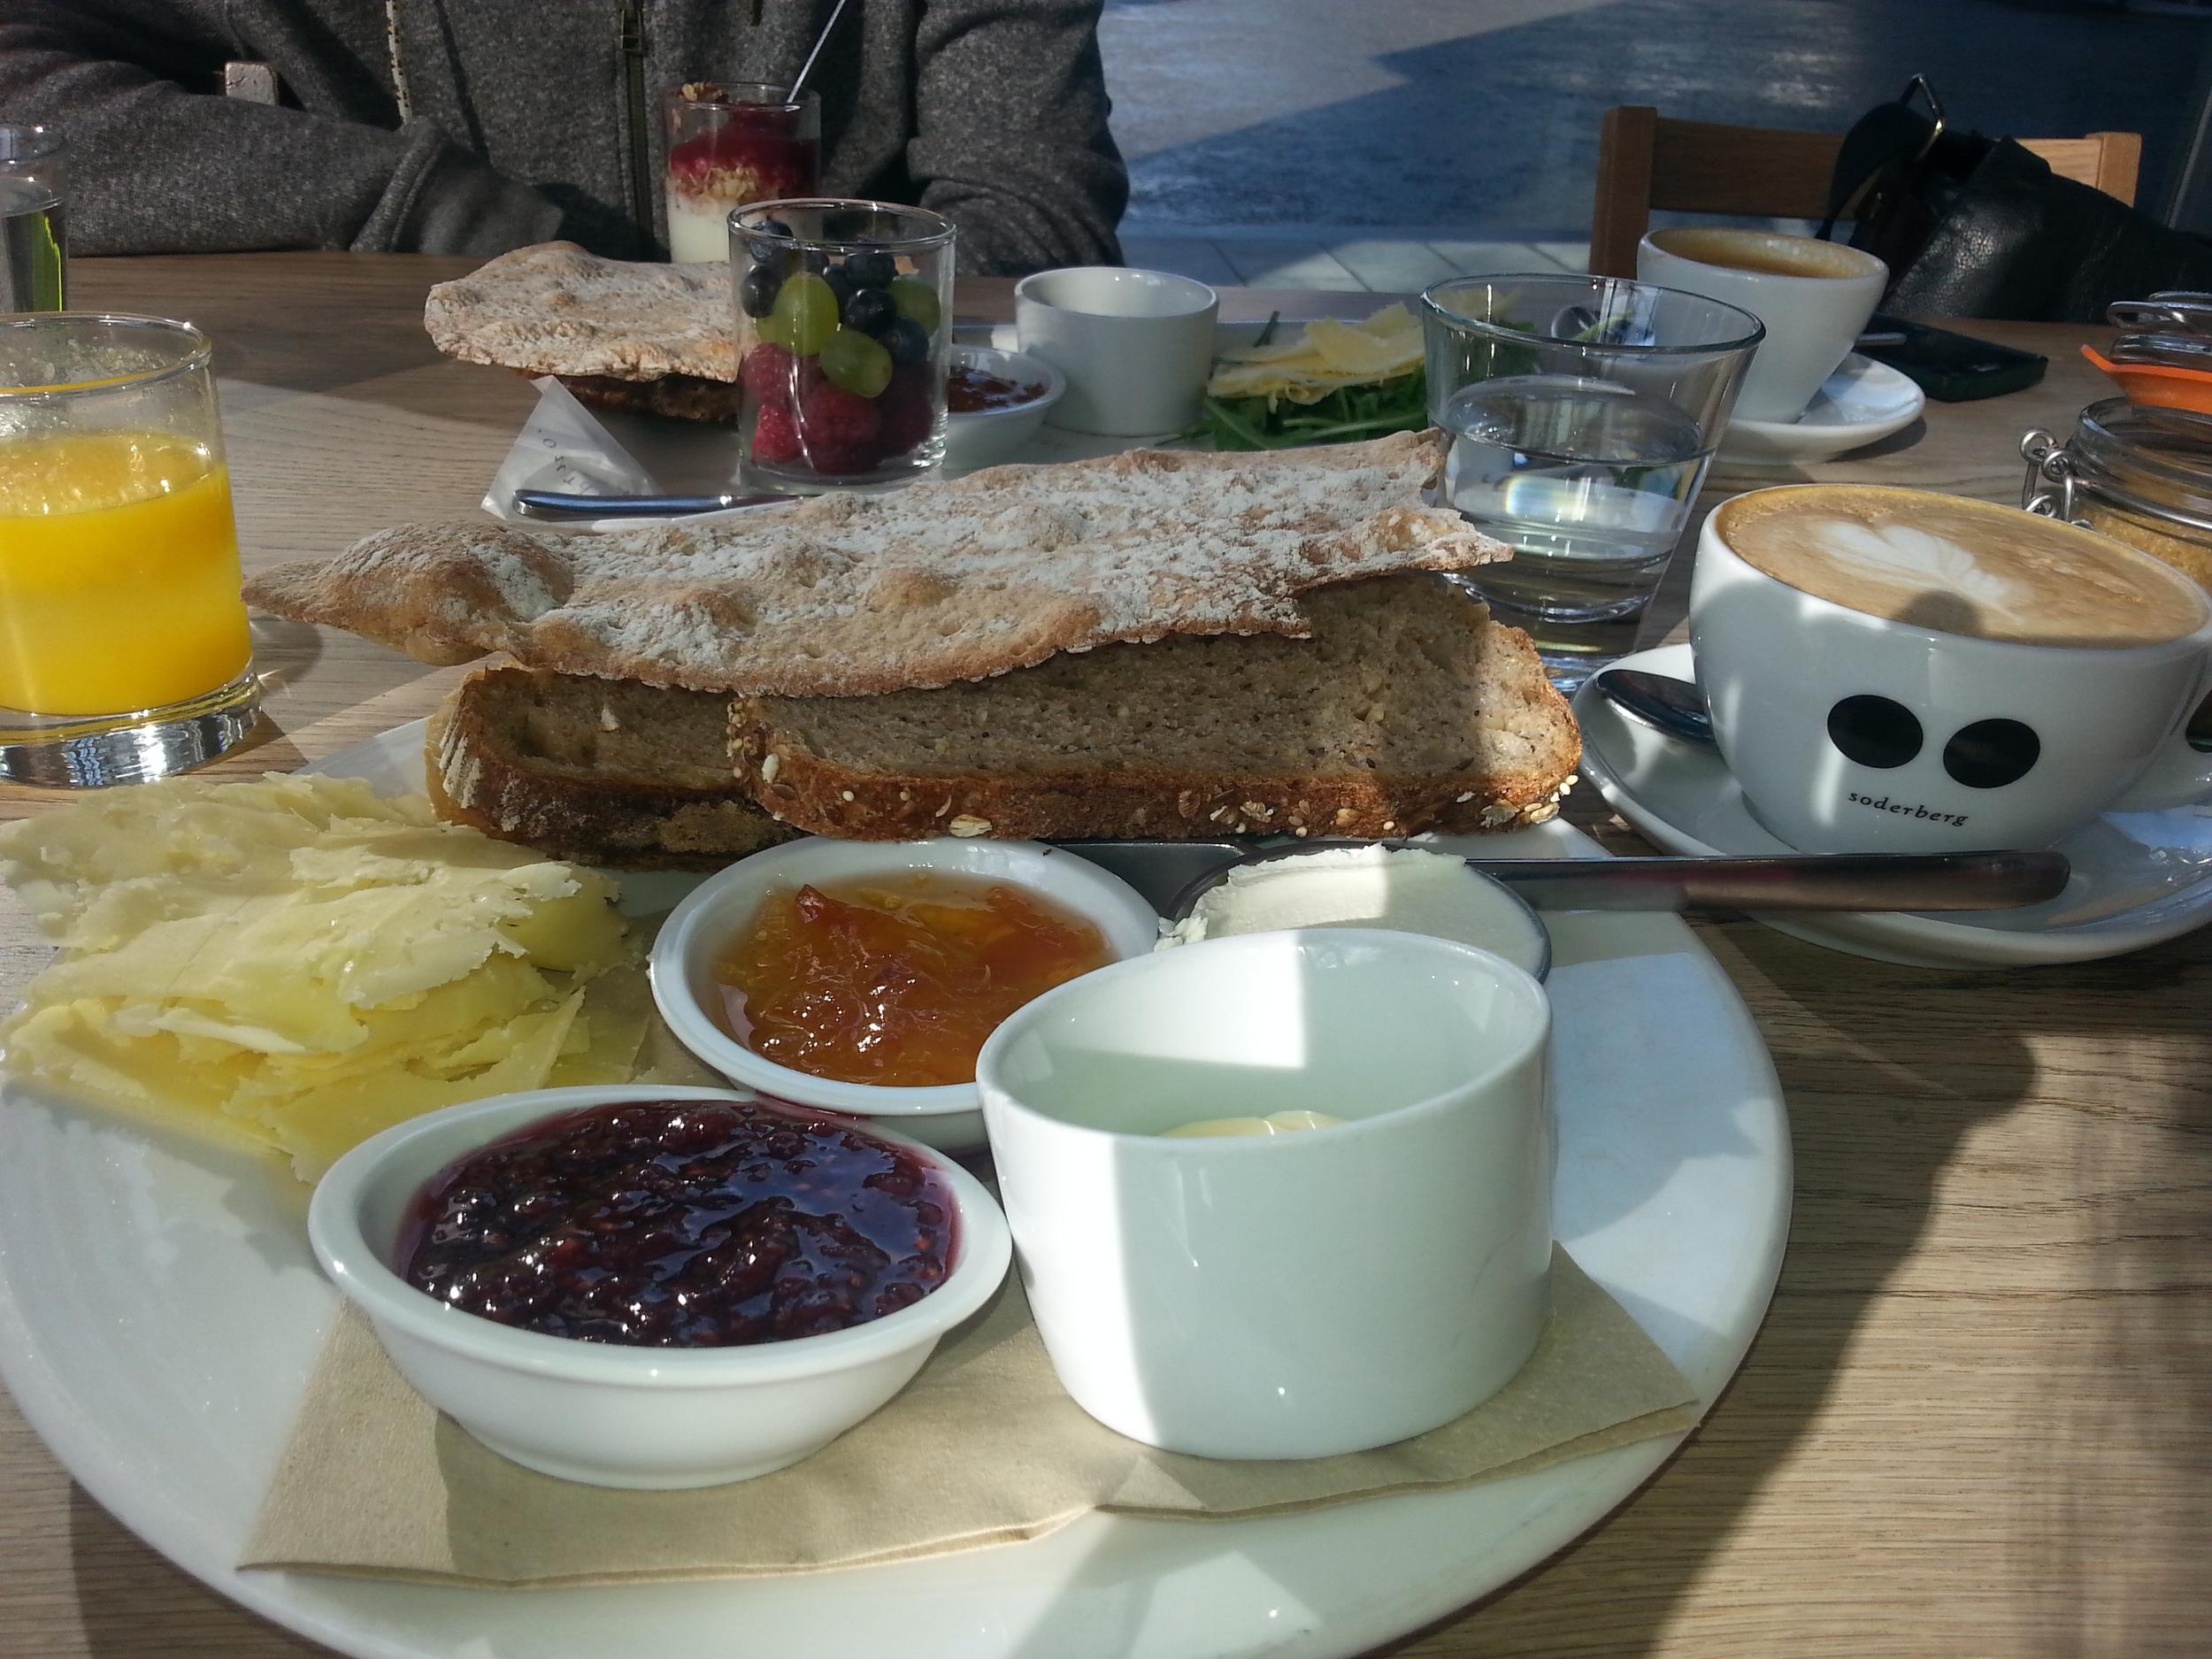 Breakfast Peter's Yard style